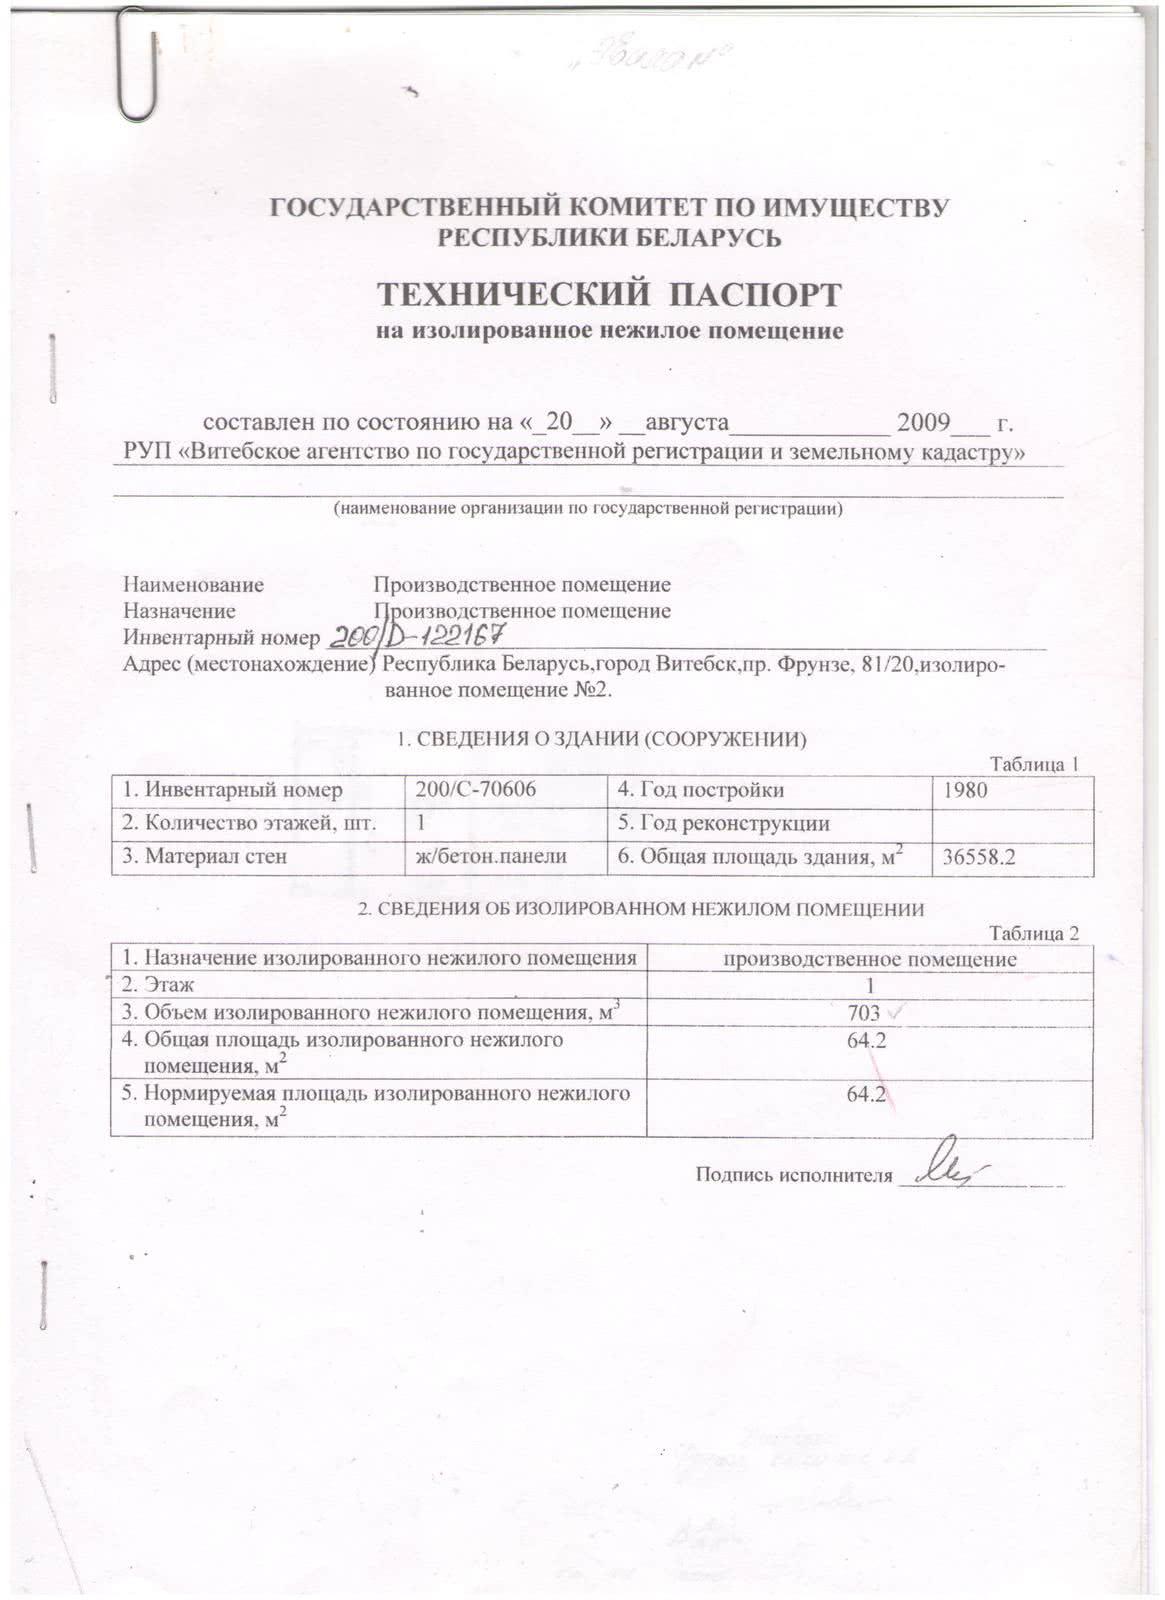 Аукцион по продаже недвижимости пр-т Фрунзе, 81/20-2 в Витебске - фото 1